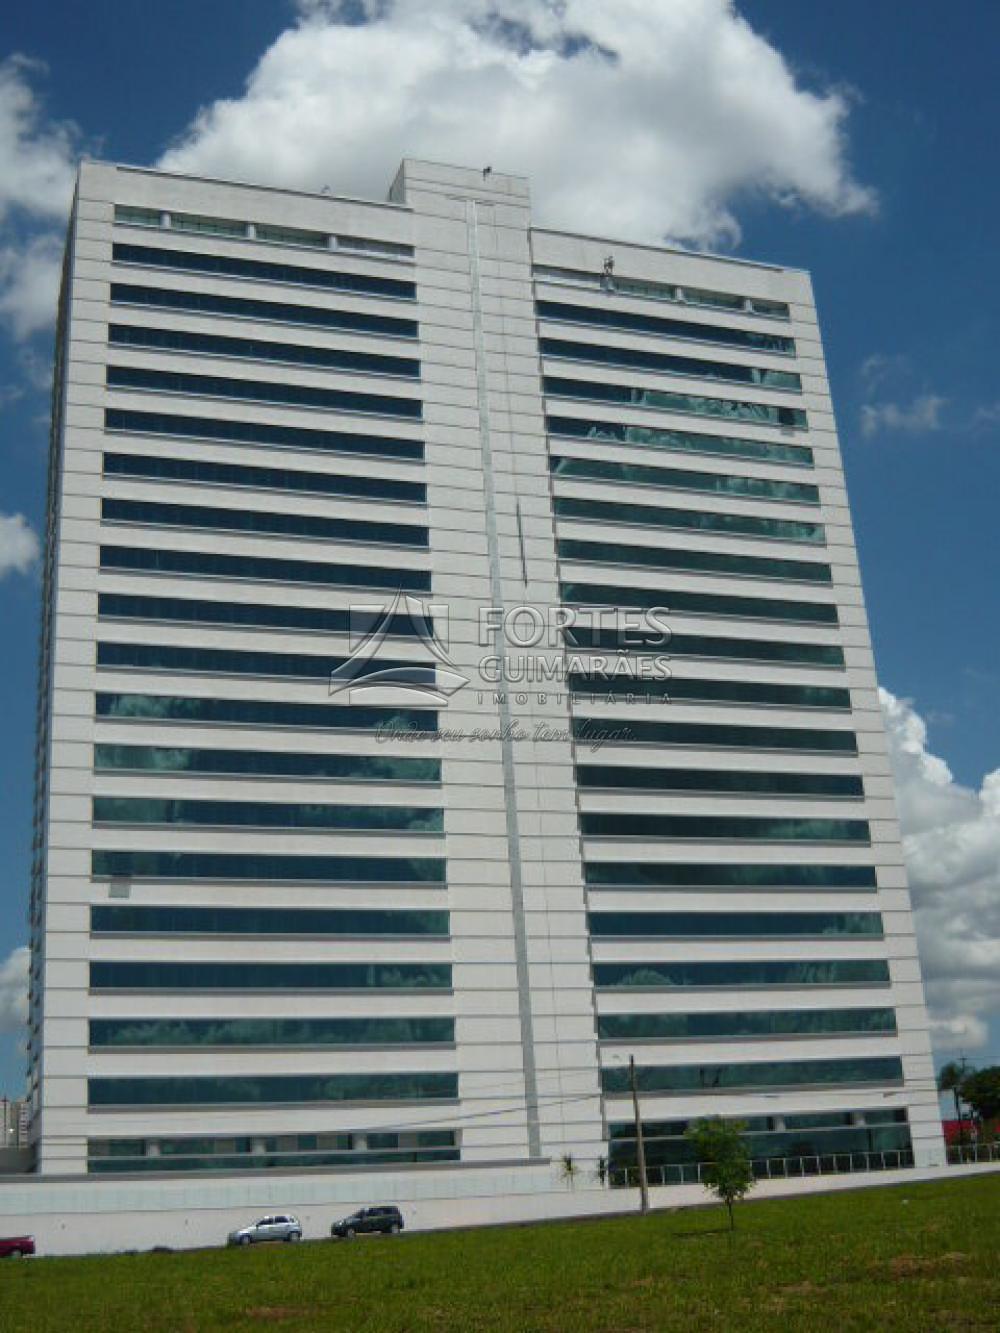 Alugar Comercial / Sala em Ribeirão Preto apenas R$ 2.000,00 - Foto 1